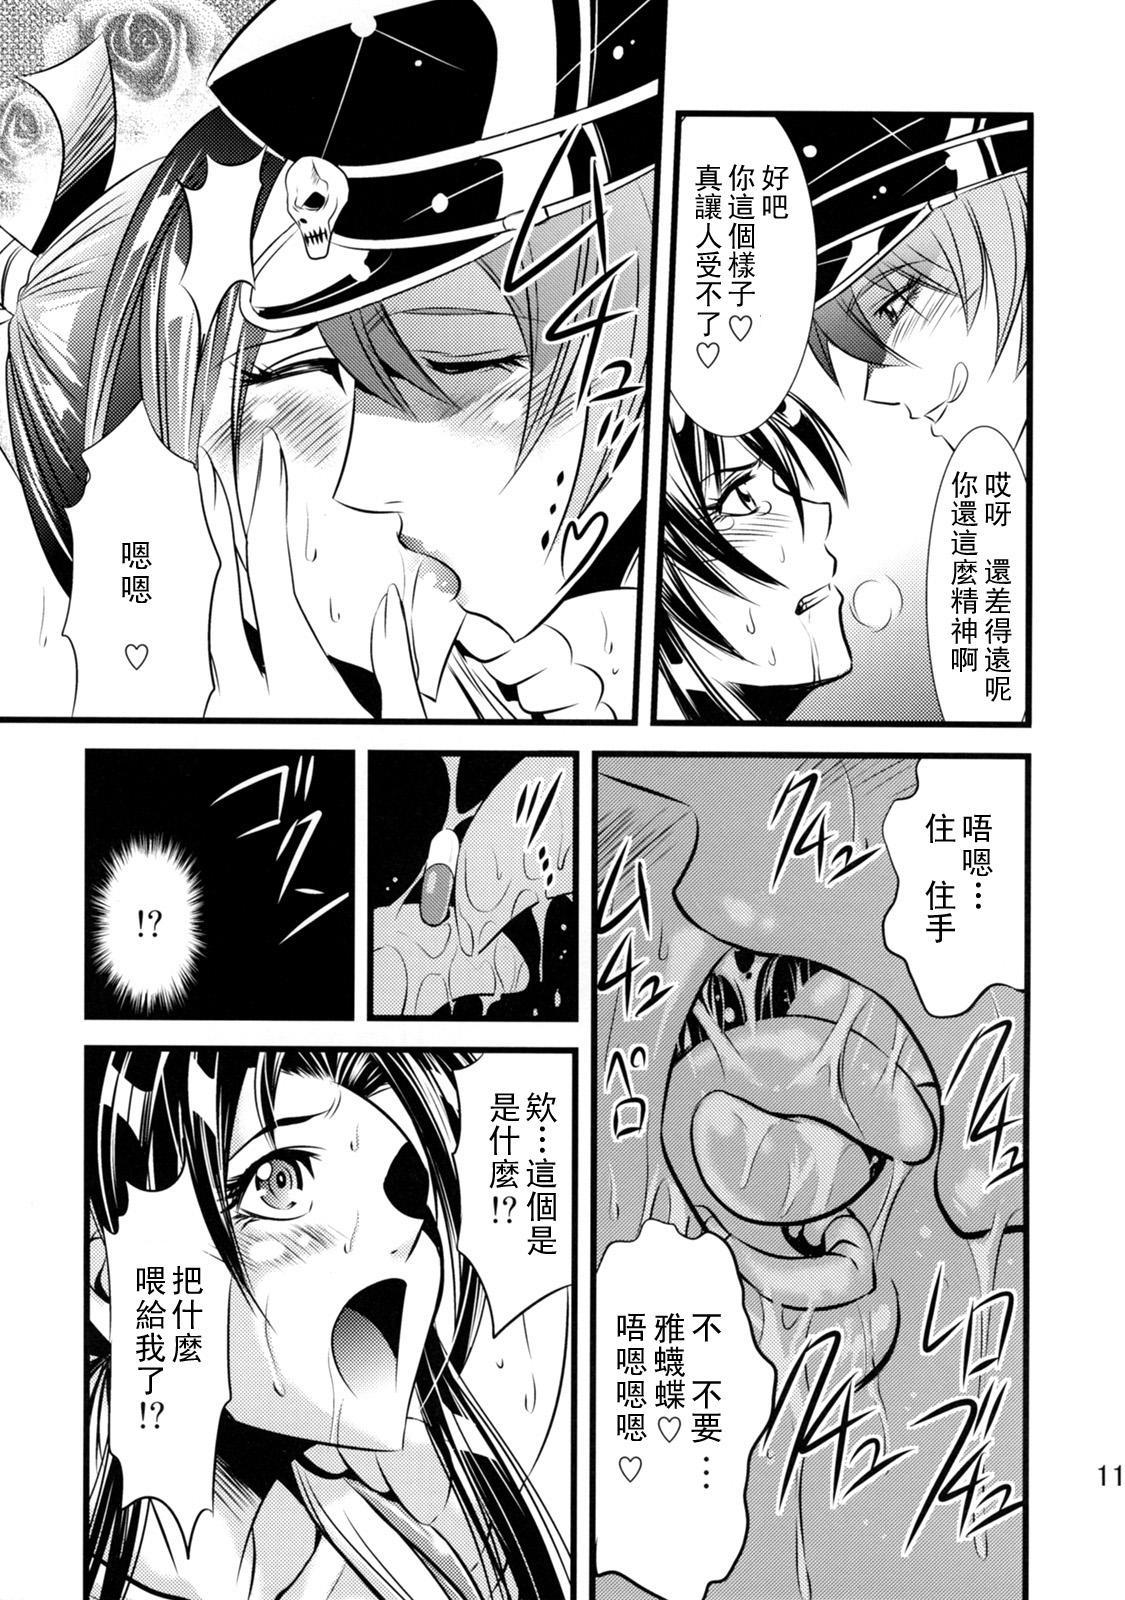 Futa-Mai Seisakujou 11